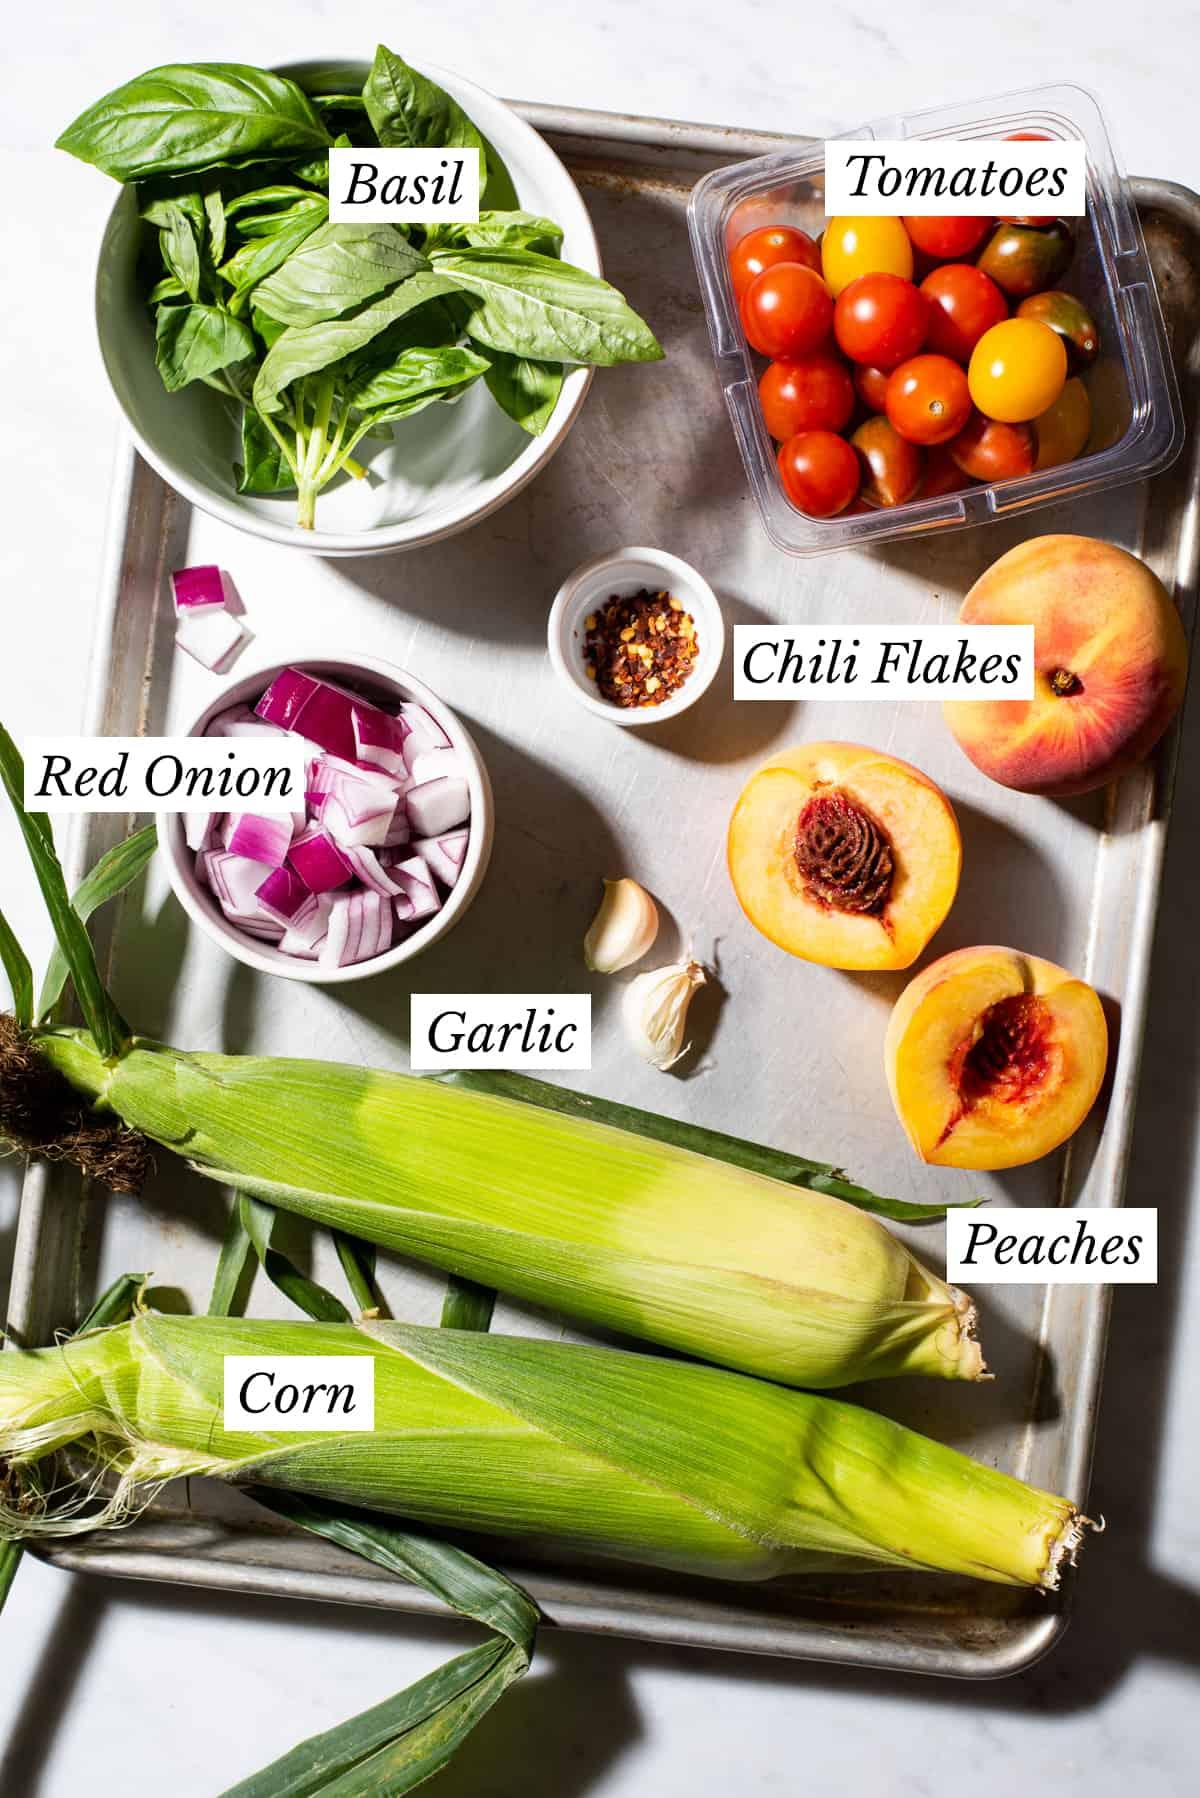 Ingredients gathered to make tomato peach salad on a metal baking sheet.